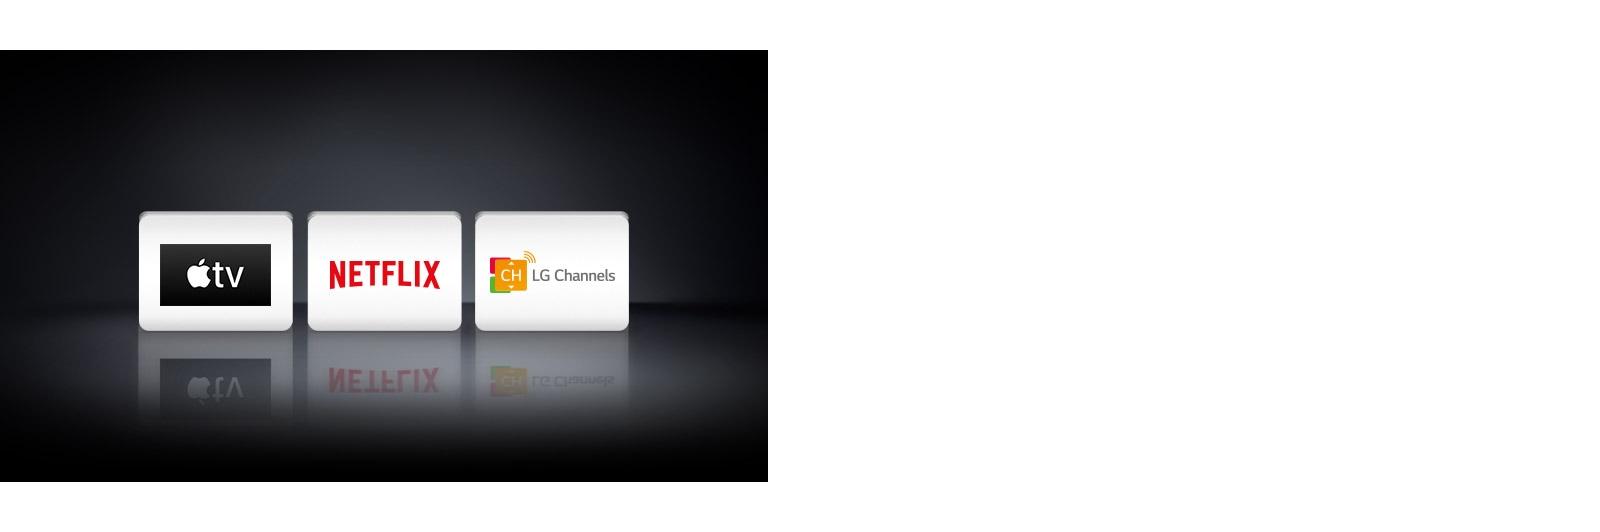 Três logotipos mostrados da esquerda para a direita: Apple TV, Netflix e LG Channels.